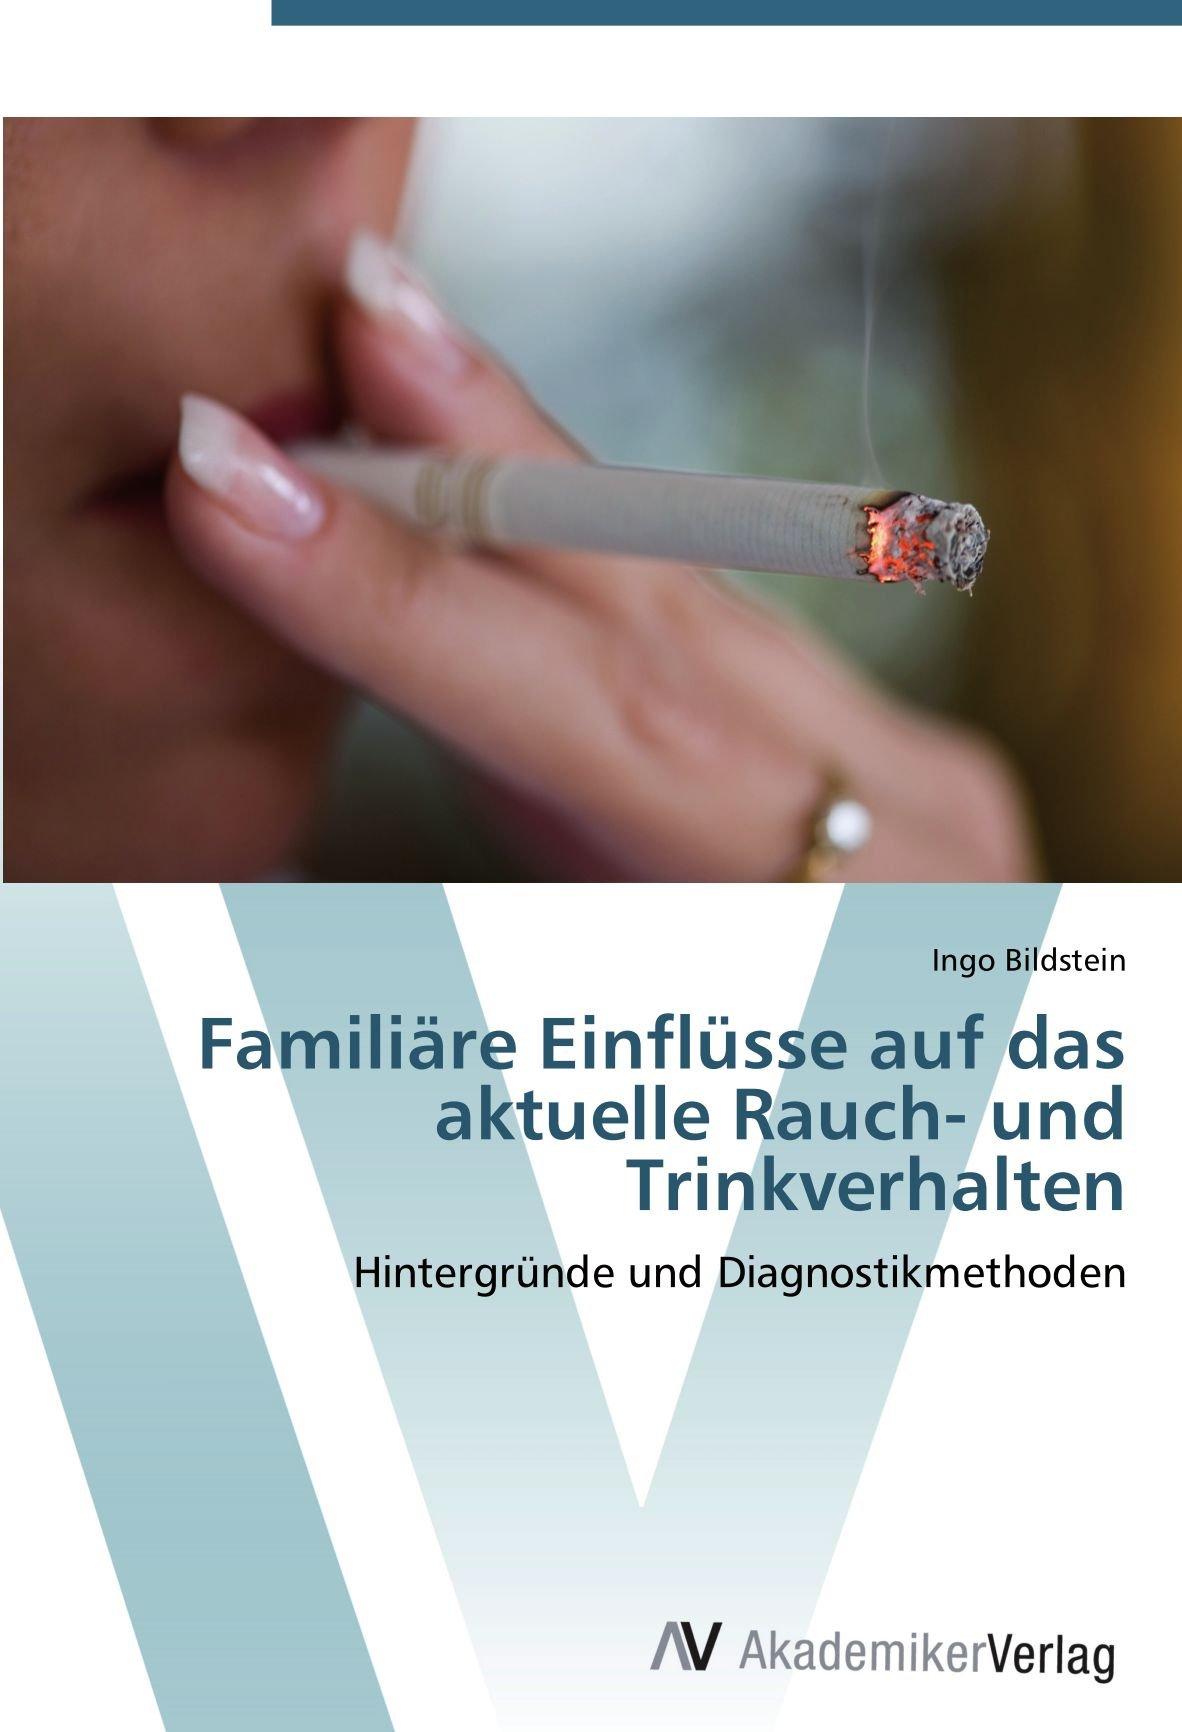 Read Online Familiäre Einflüsse auf das aktuelle Rauch- und Trinkverhalten: Hintergründe und Diagnostikmethoden (German Edition) PDF